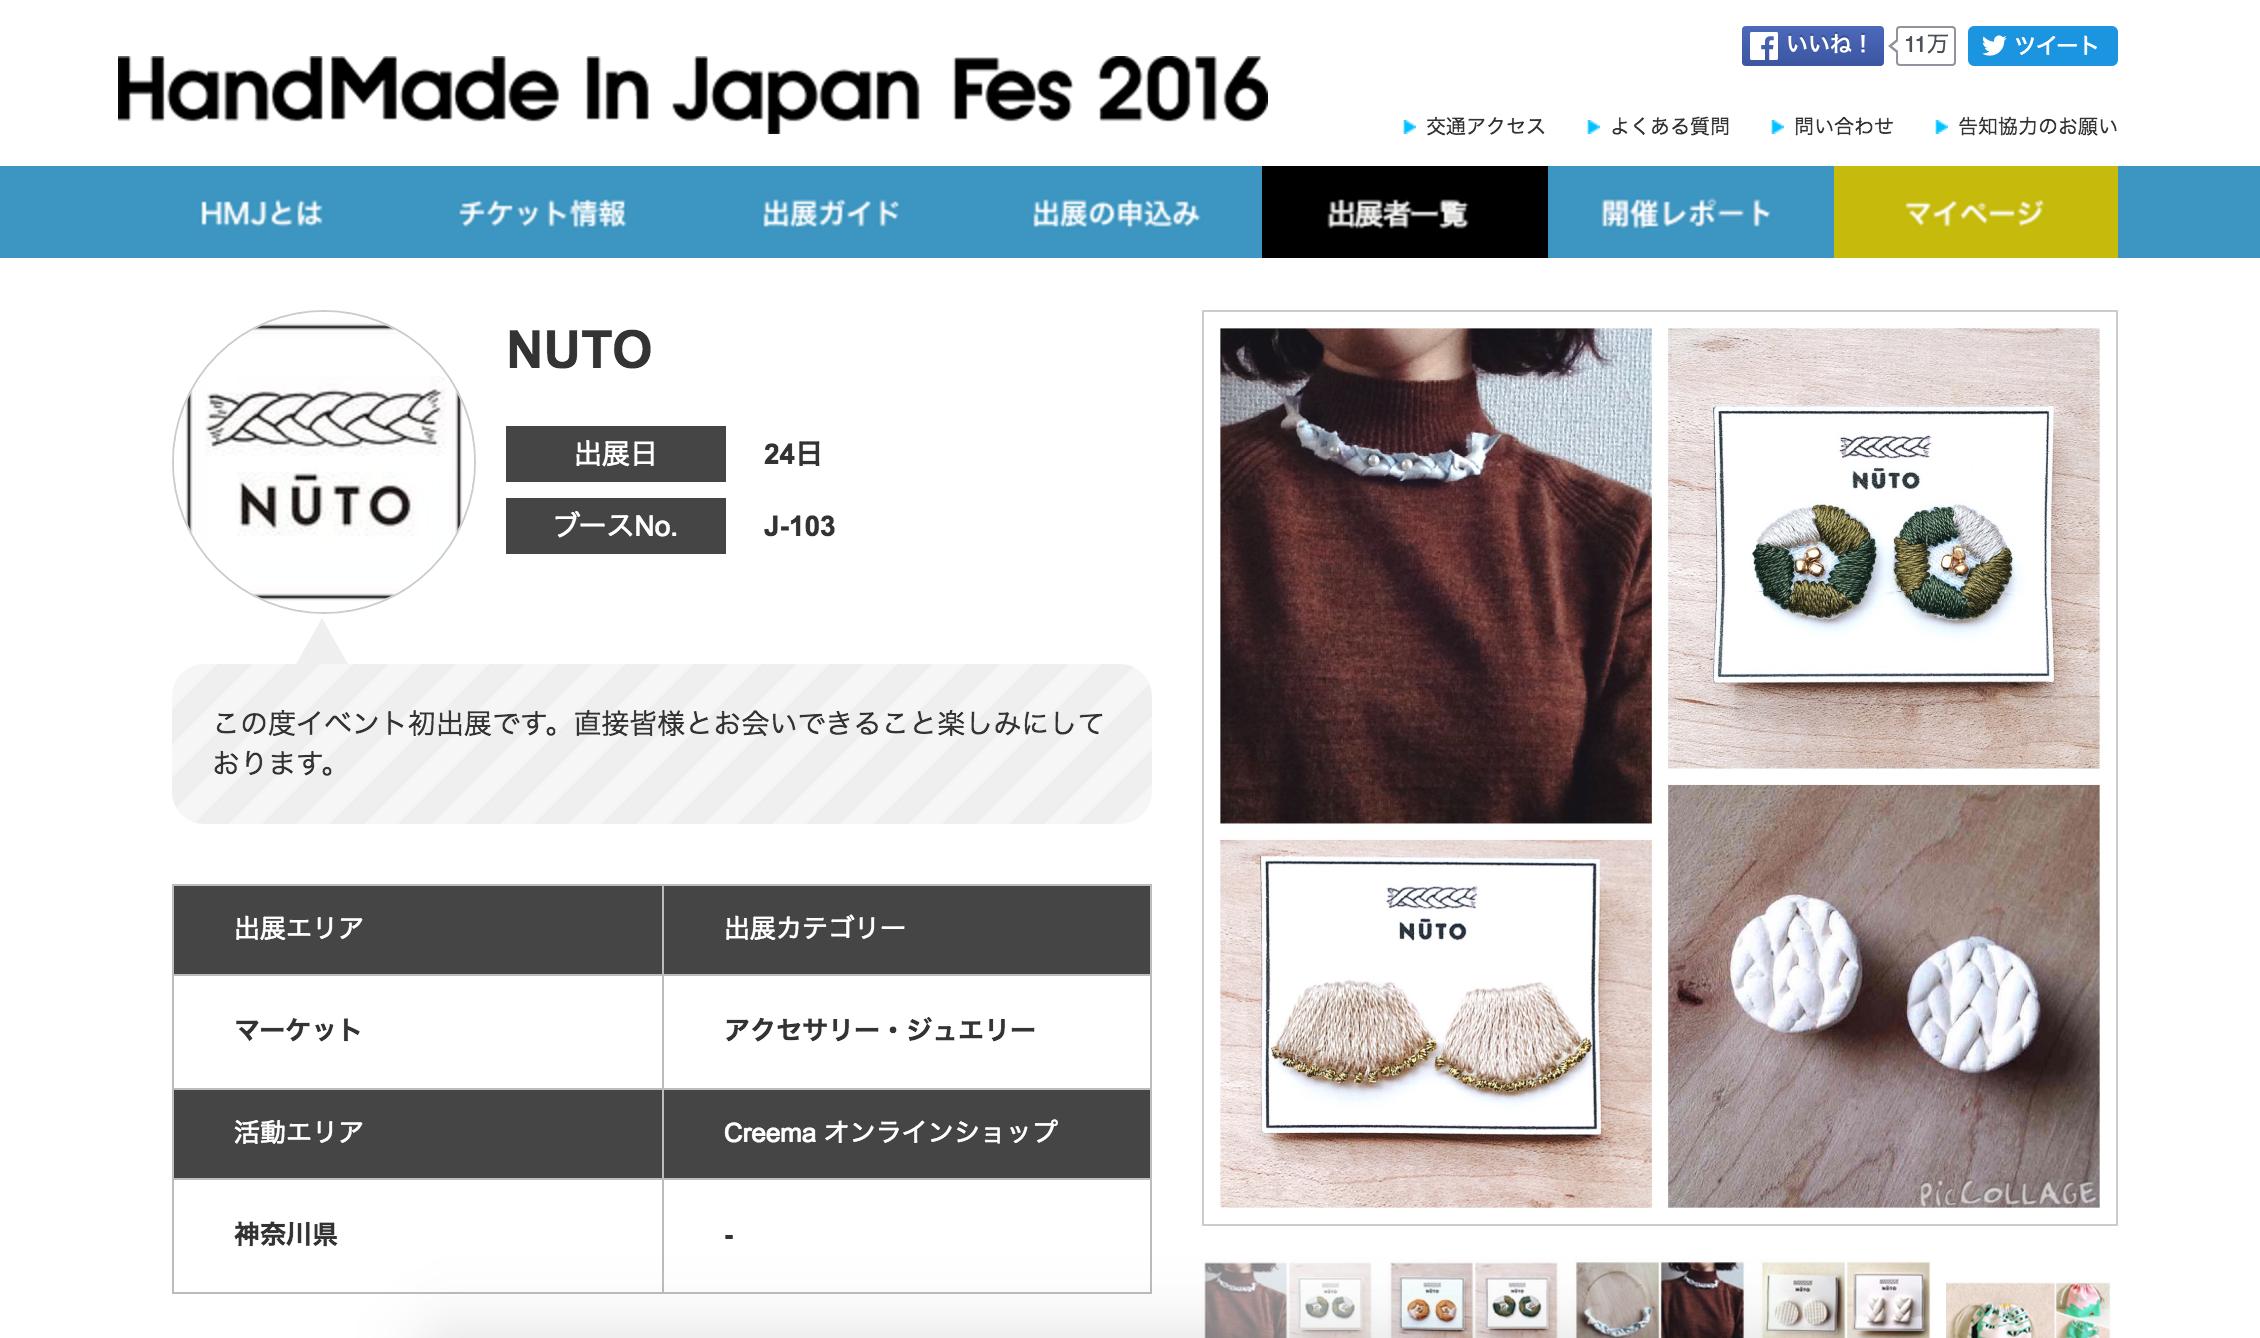 【 ∞ 2016 ハンドメイドインジャパンフェス出展決定 ∞ 】